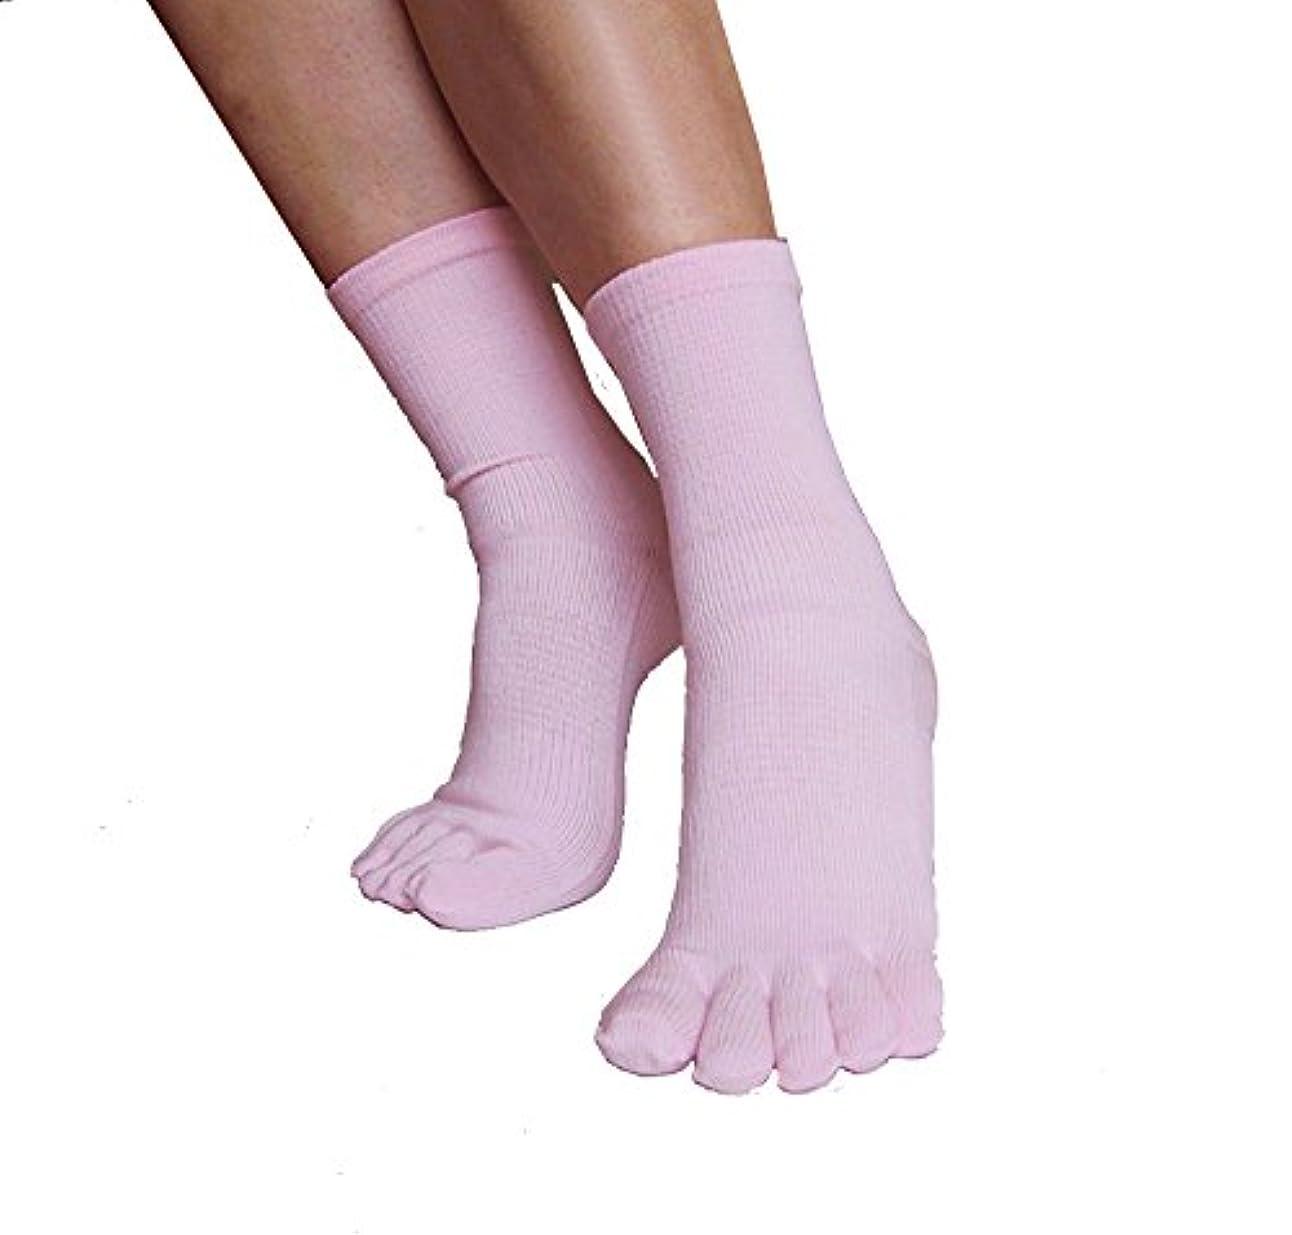 追い払う架空のブレーク外反母趾対策 5本指靴下 綿タイプ ピンク